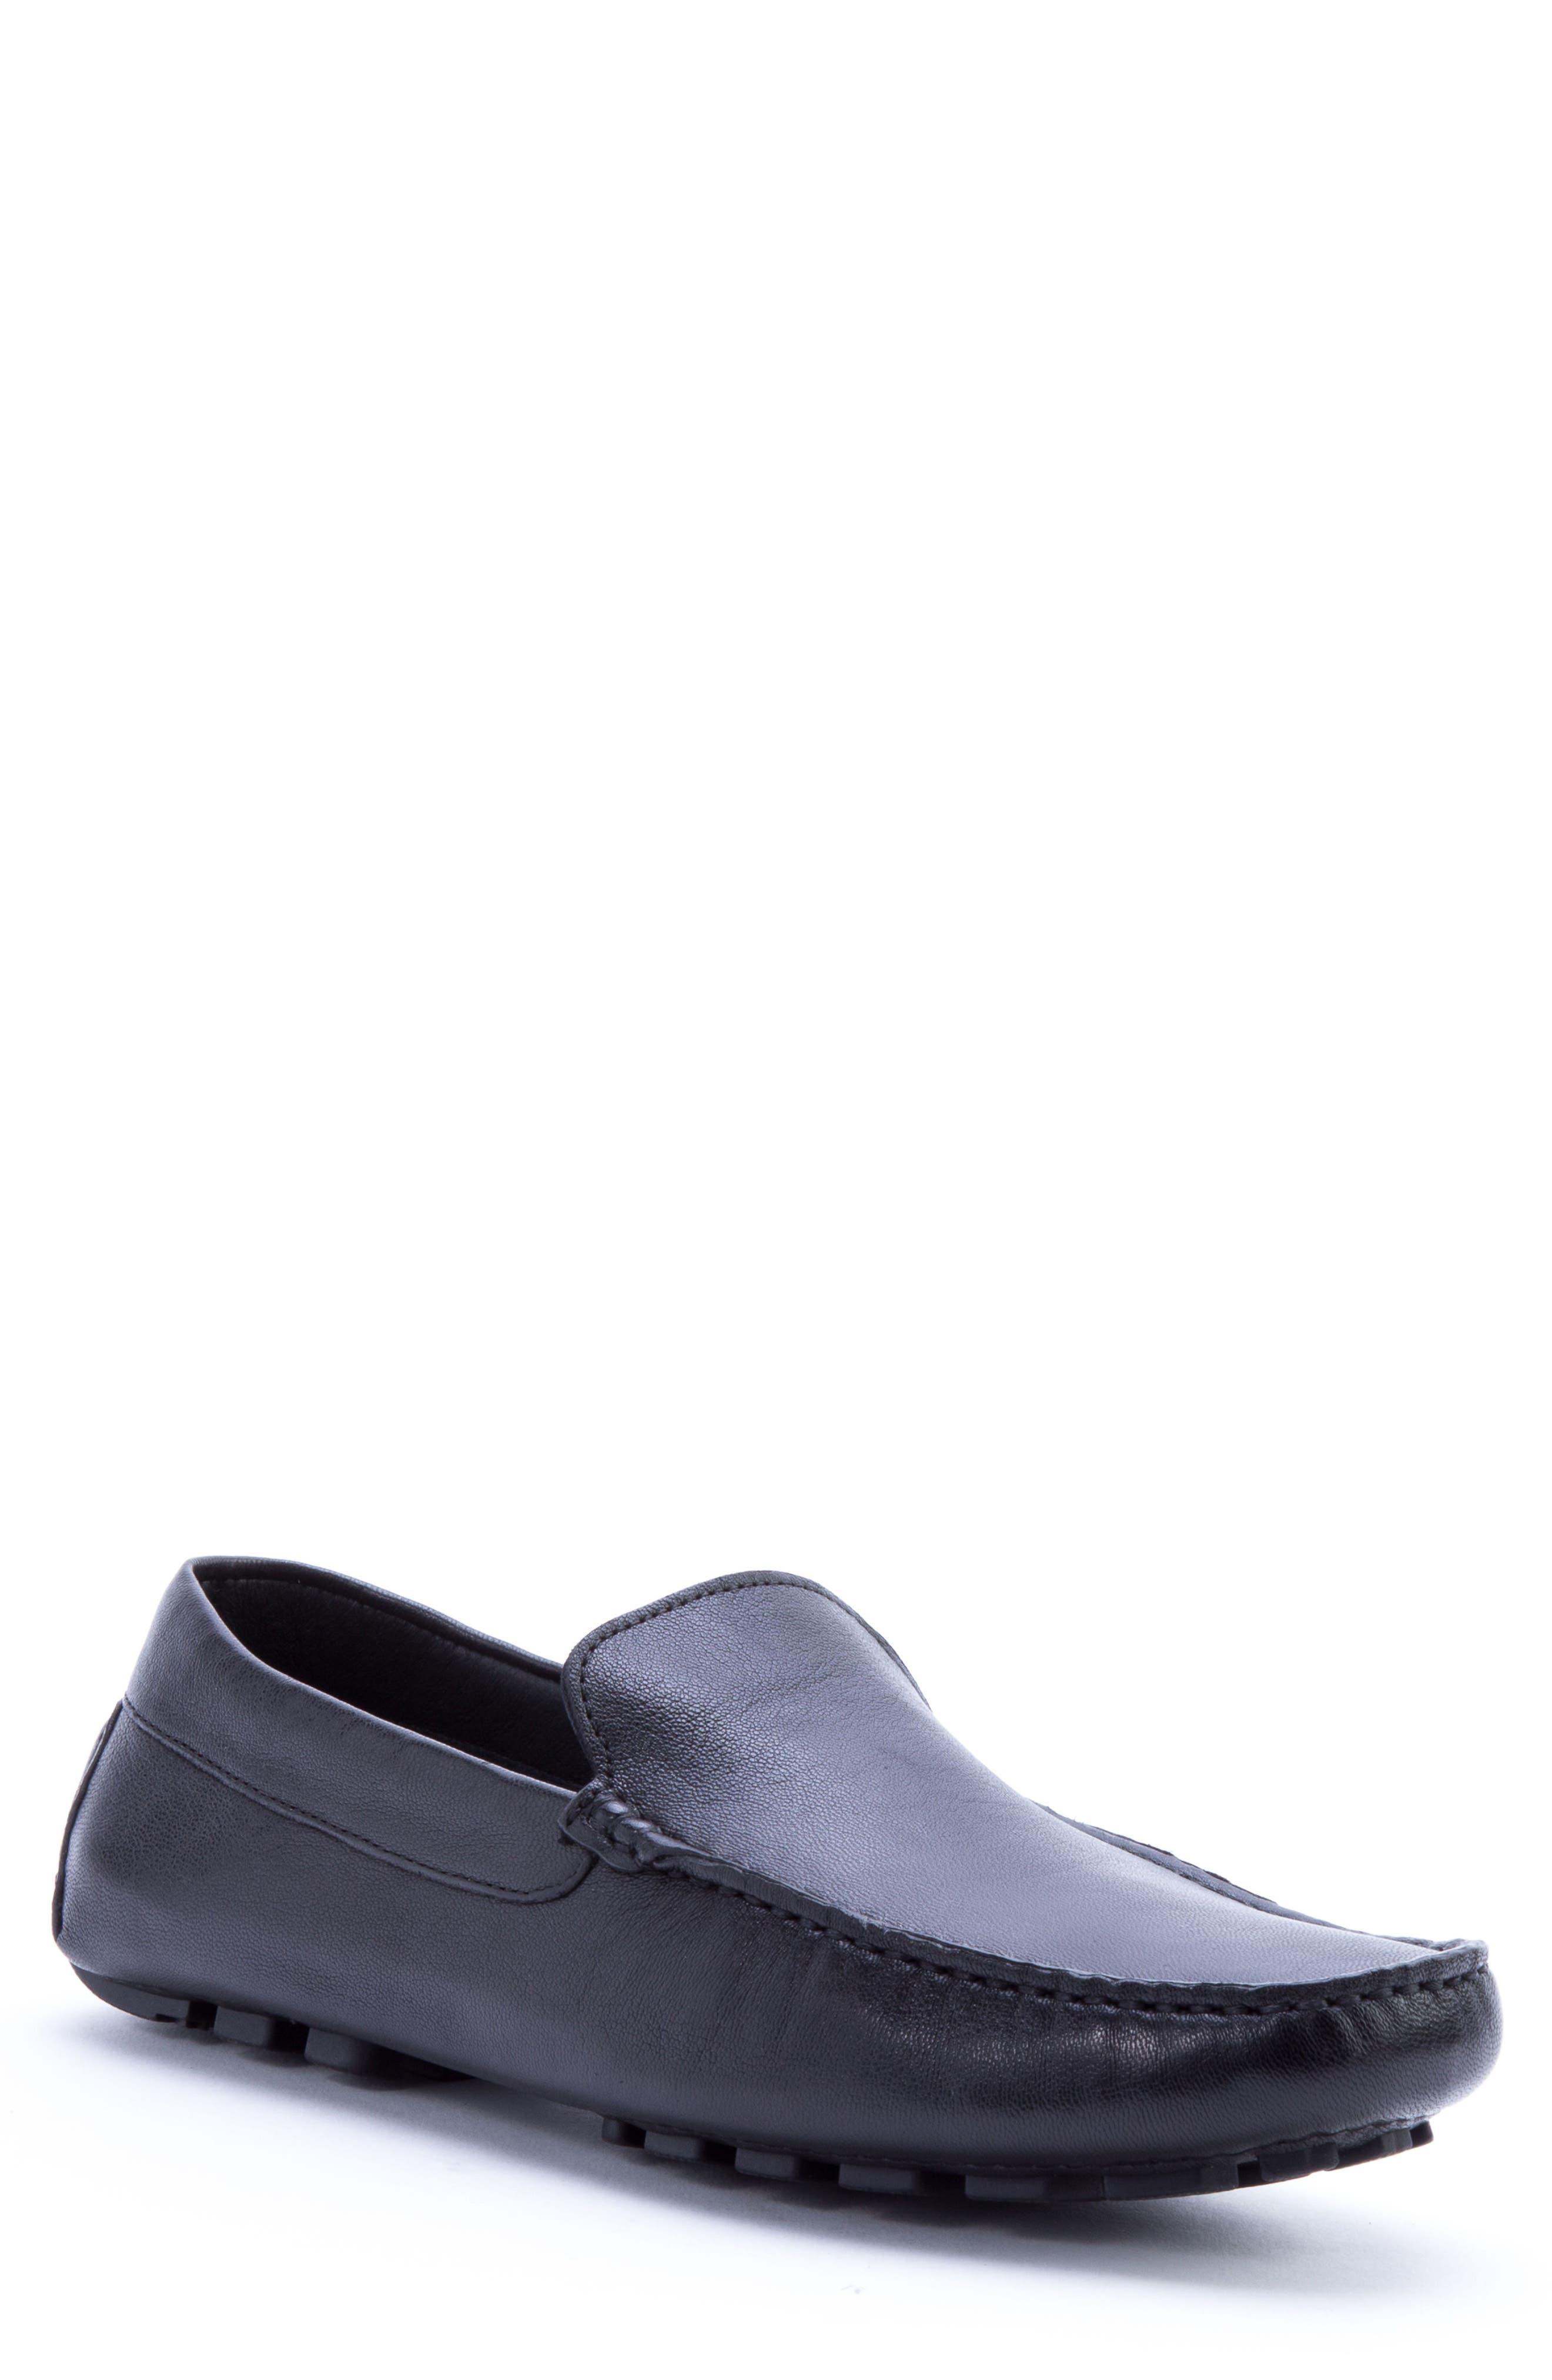 ZANZARA Picasso 3 Moc Toe Driving Loafer, Main, color, BLACK LEATHER